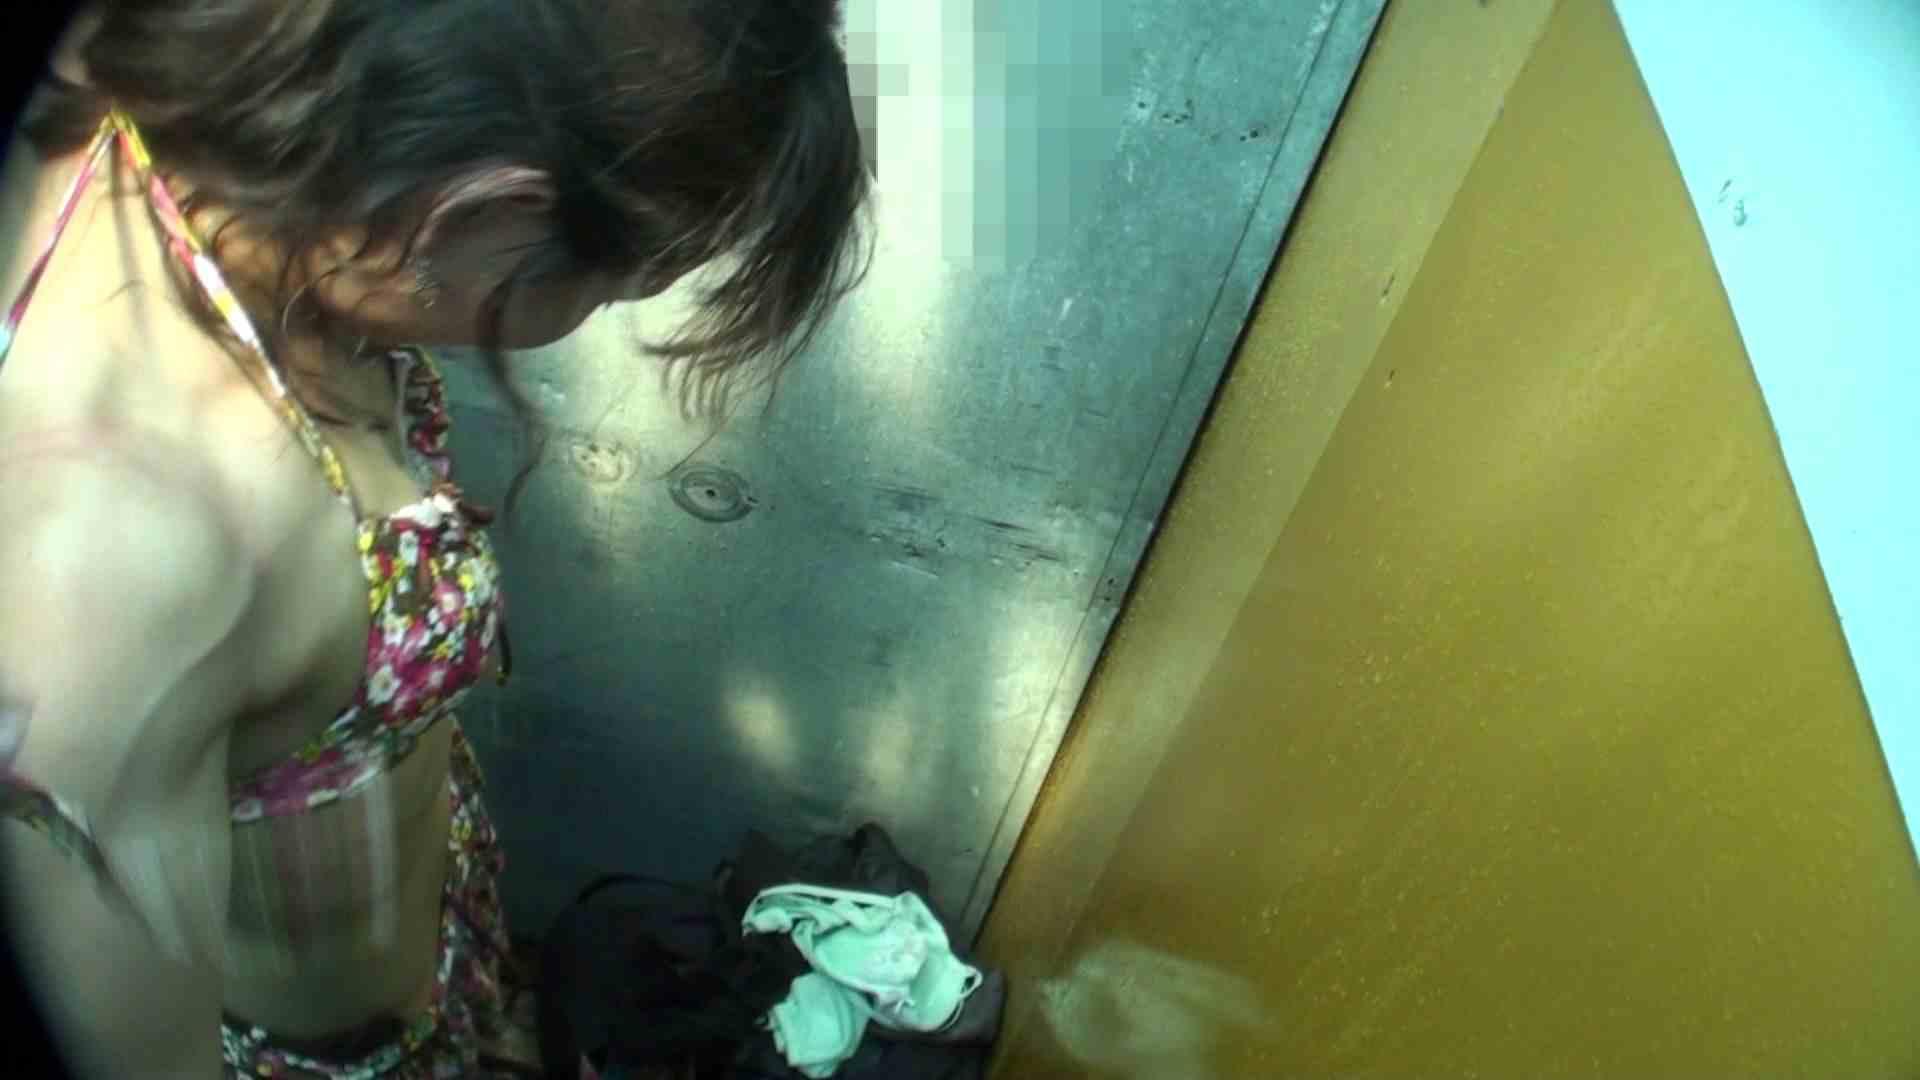 シャワールームは超!!危険な香りVol.16 意外に乳首は年増のそれ シャワー おめこ無修正動画無料 108画像 39